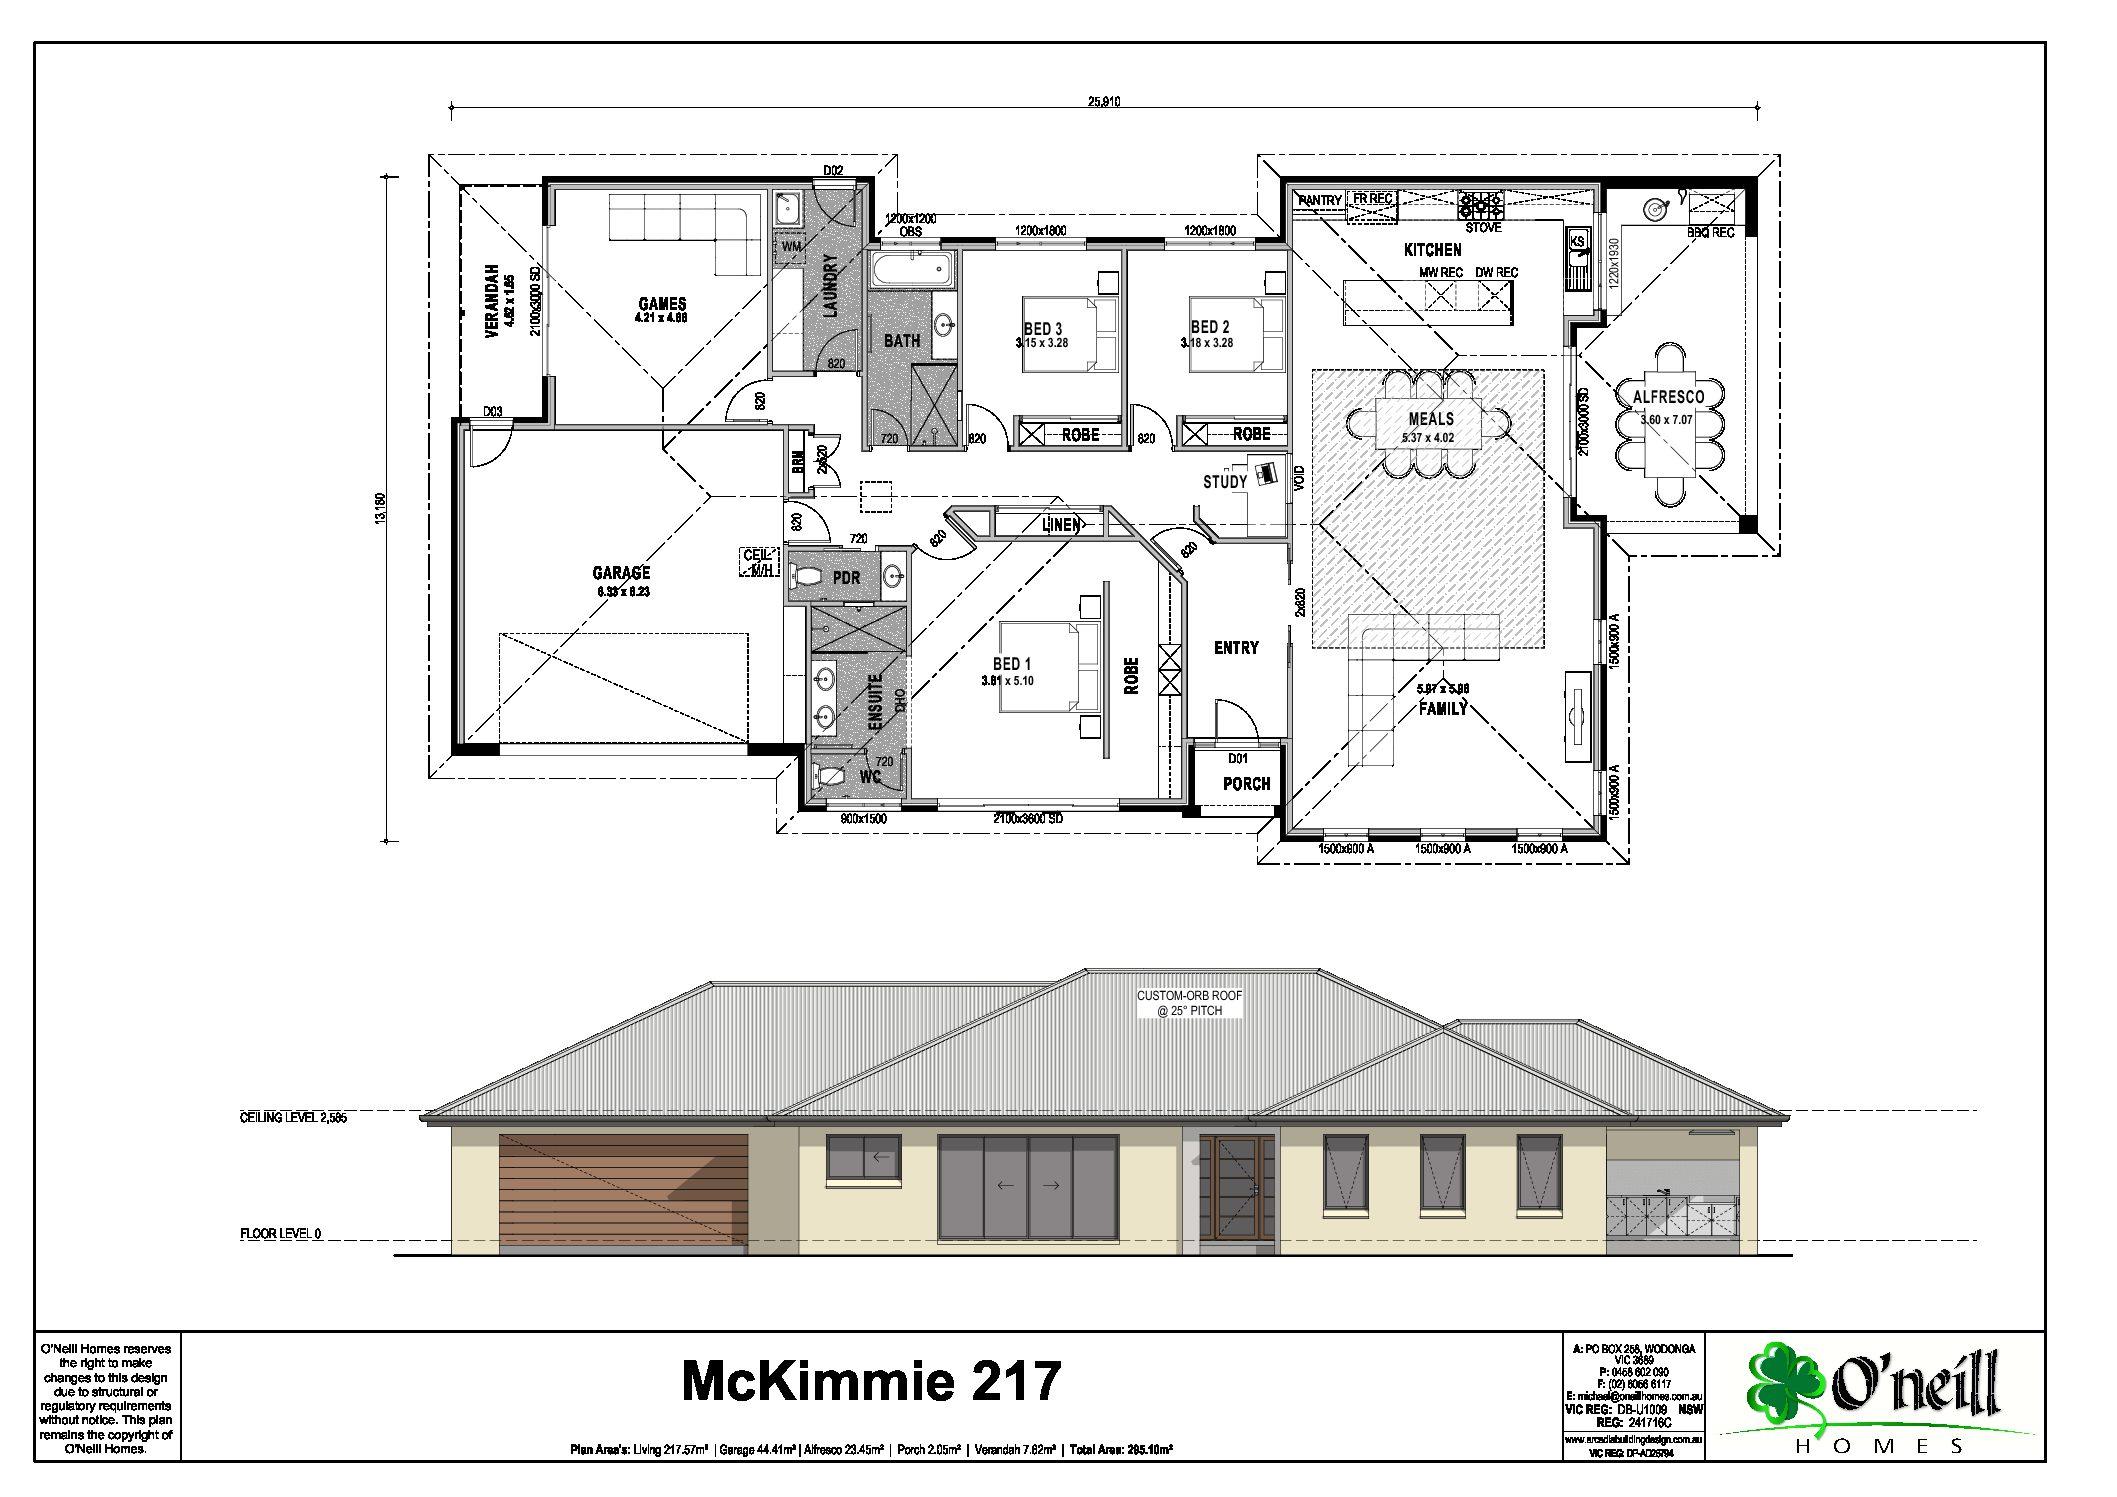 The McKimmie